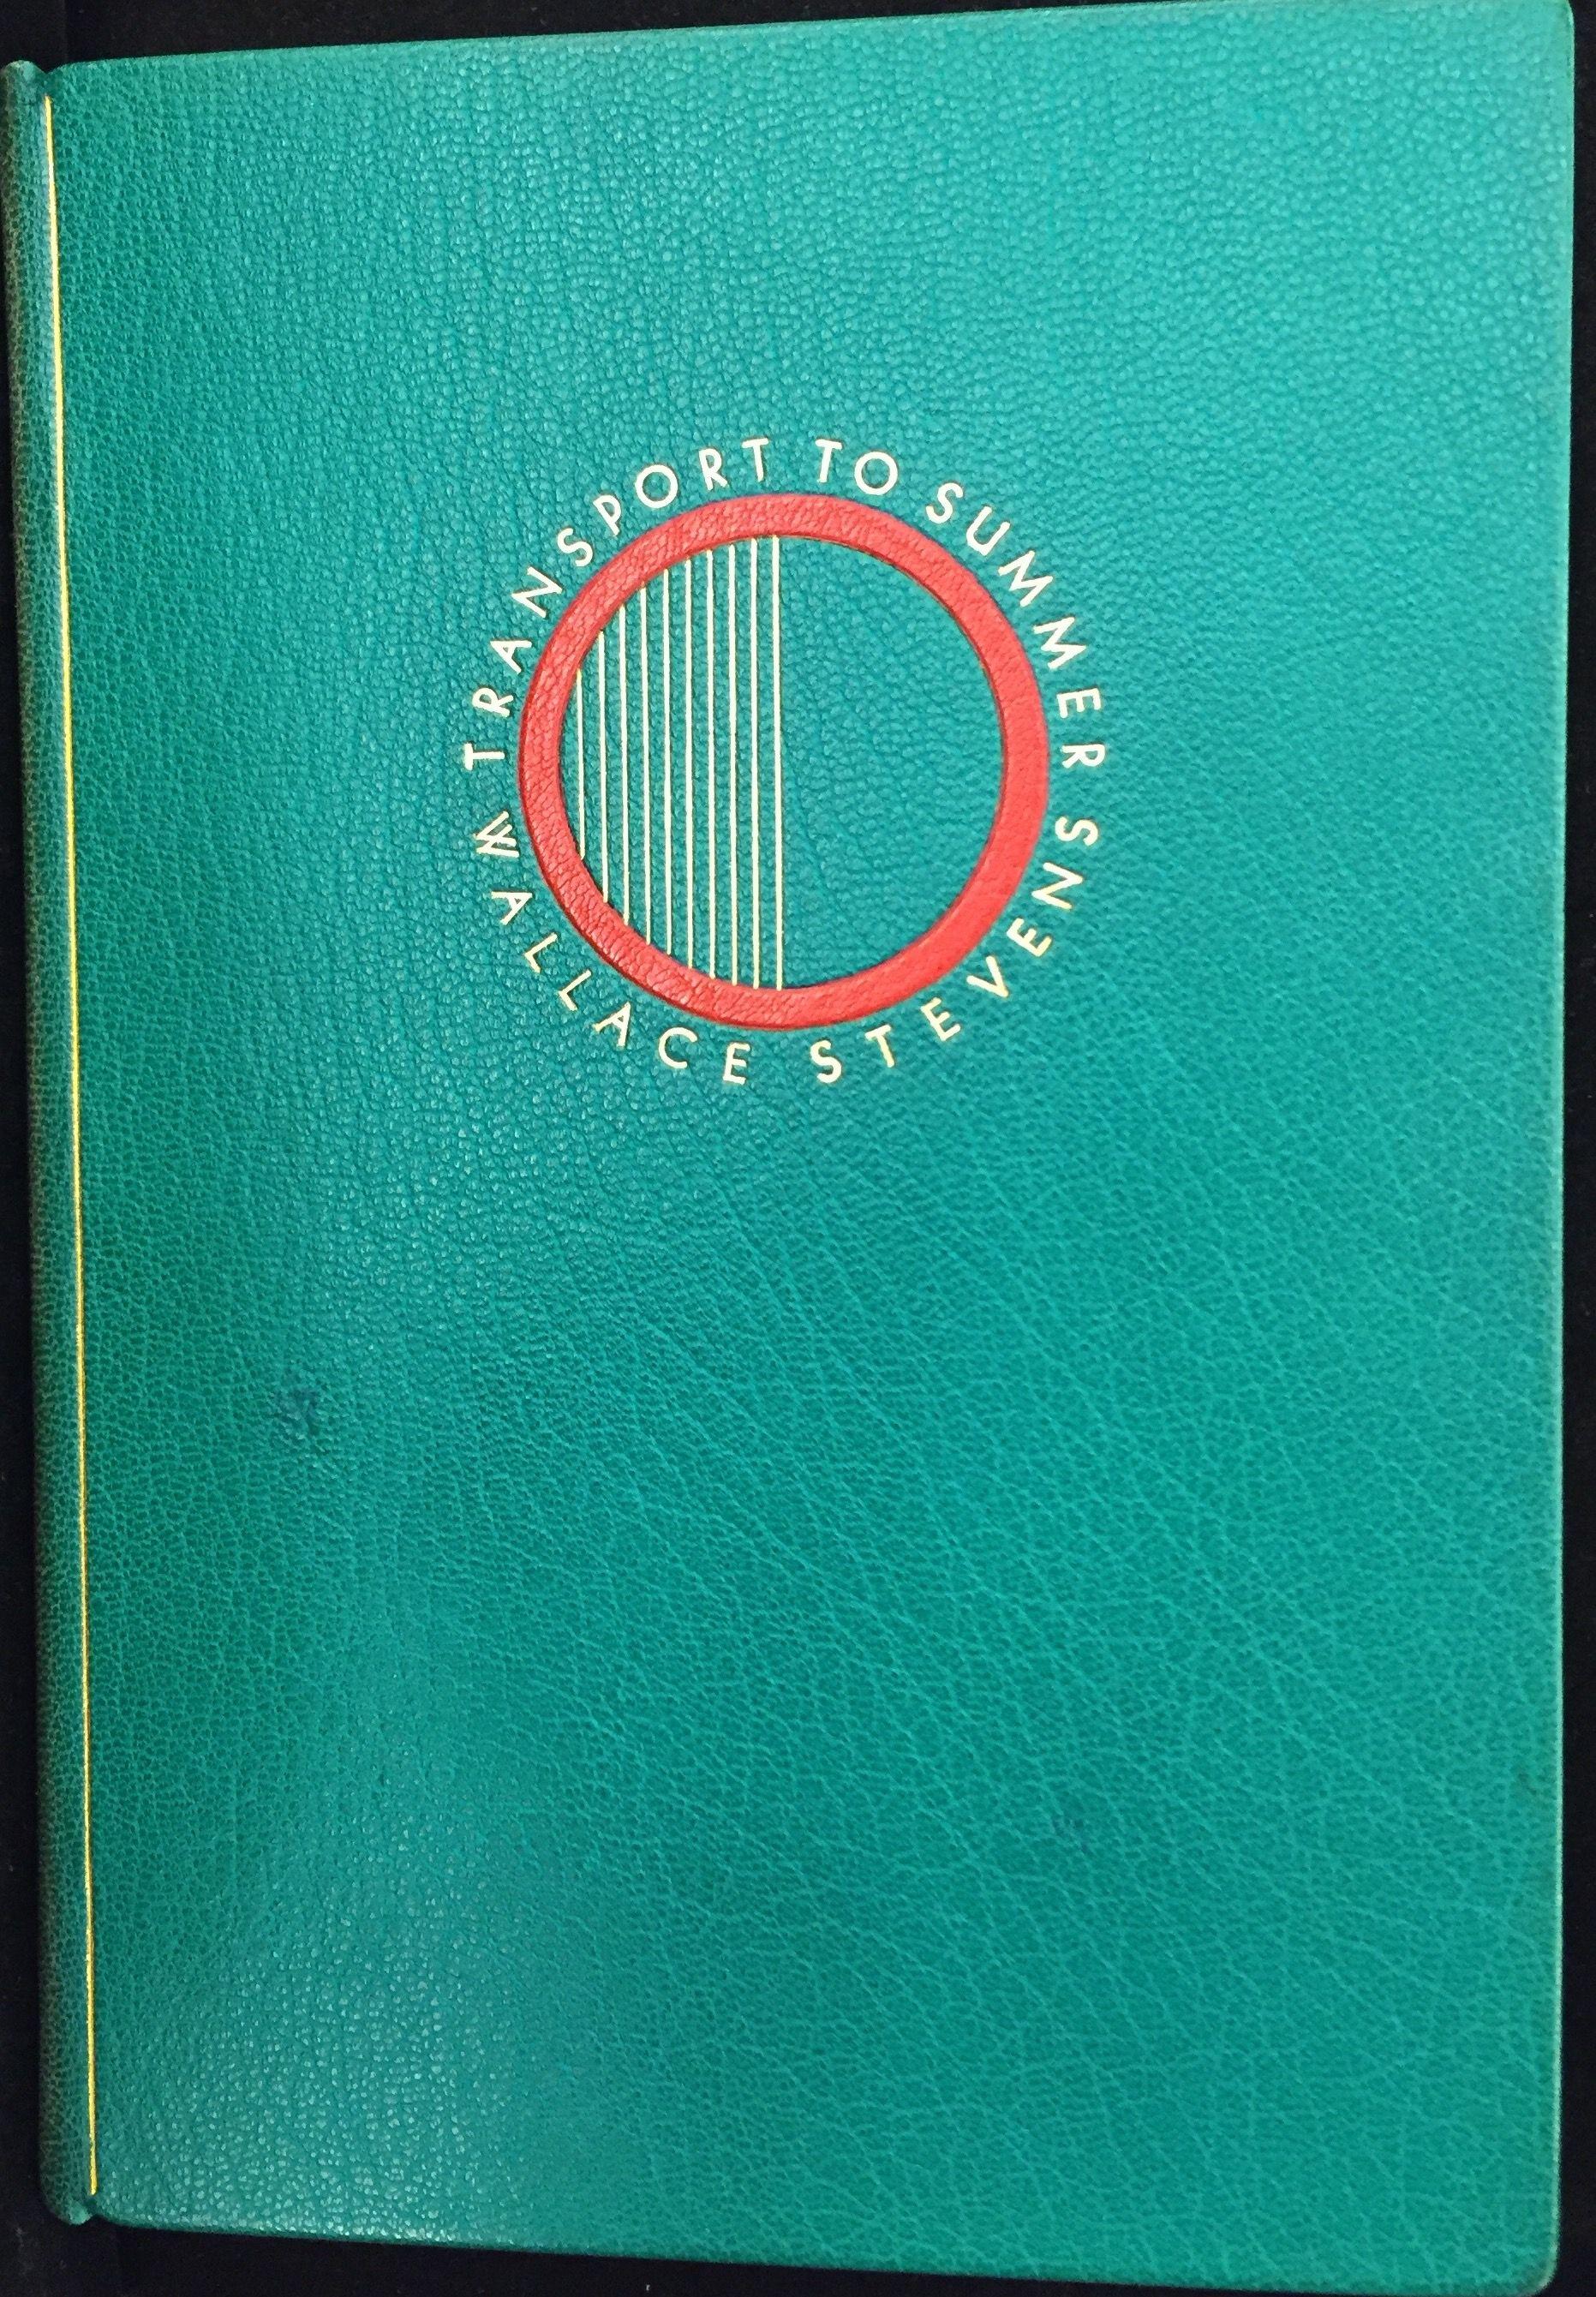 Transport to Summer, 1947, binding by René Aussourd.